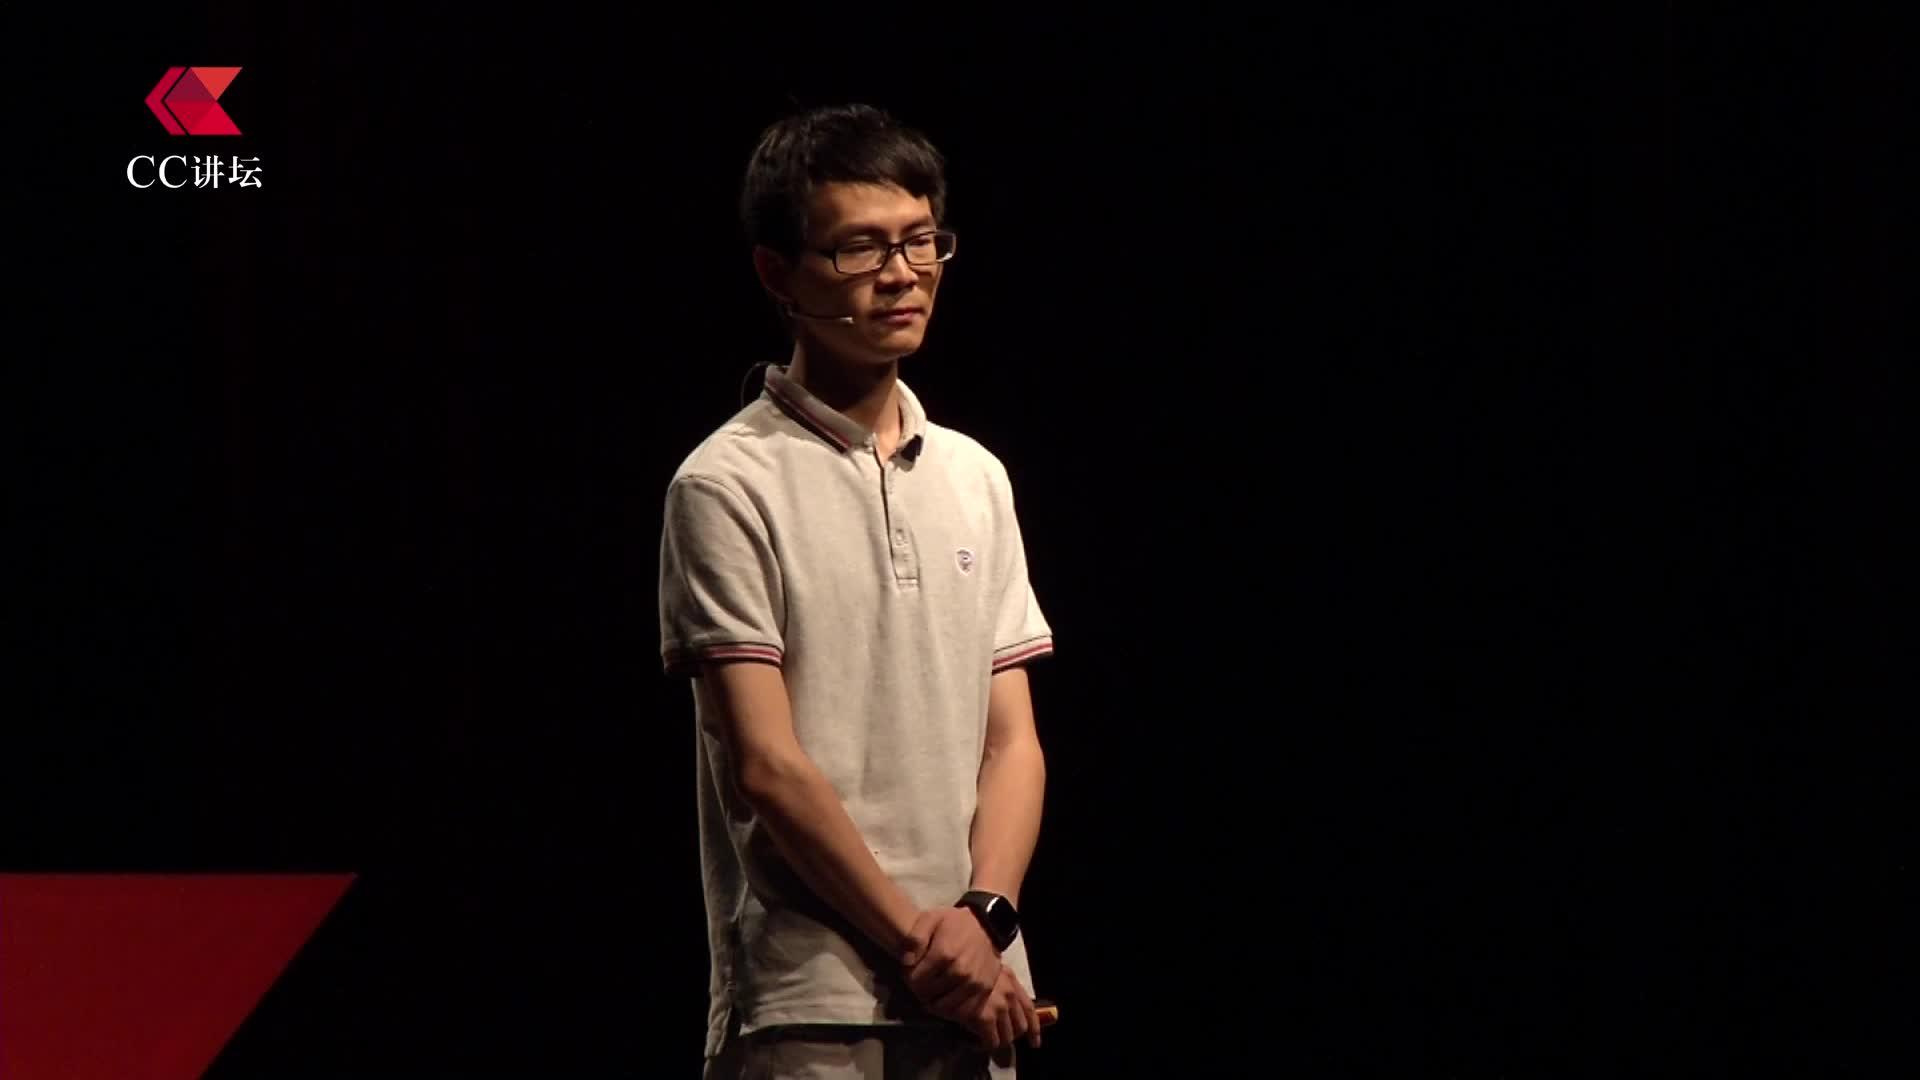 CC讲坛——董剑:成为一名绿领